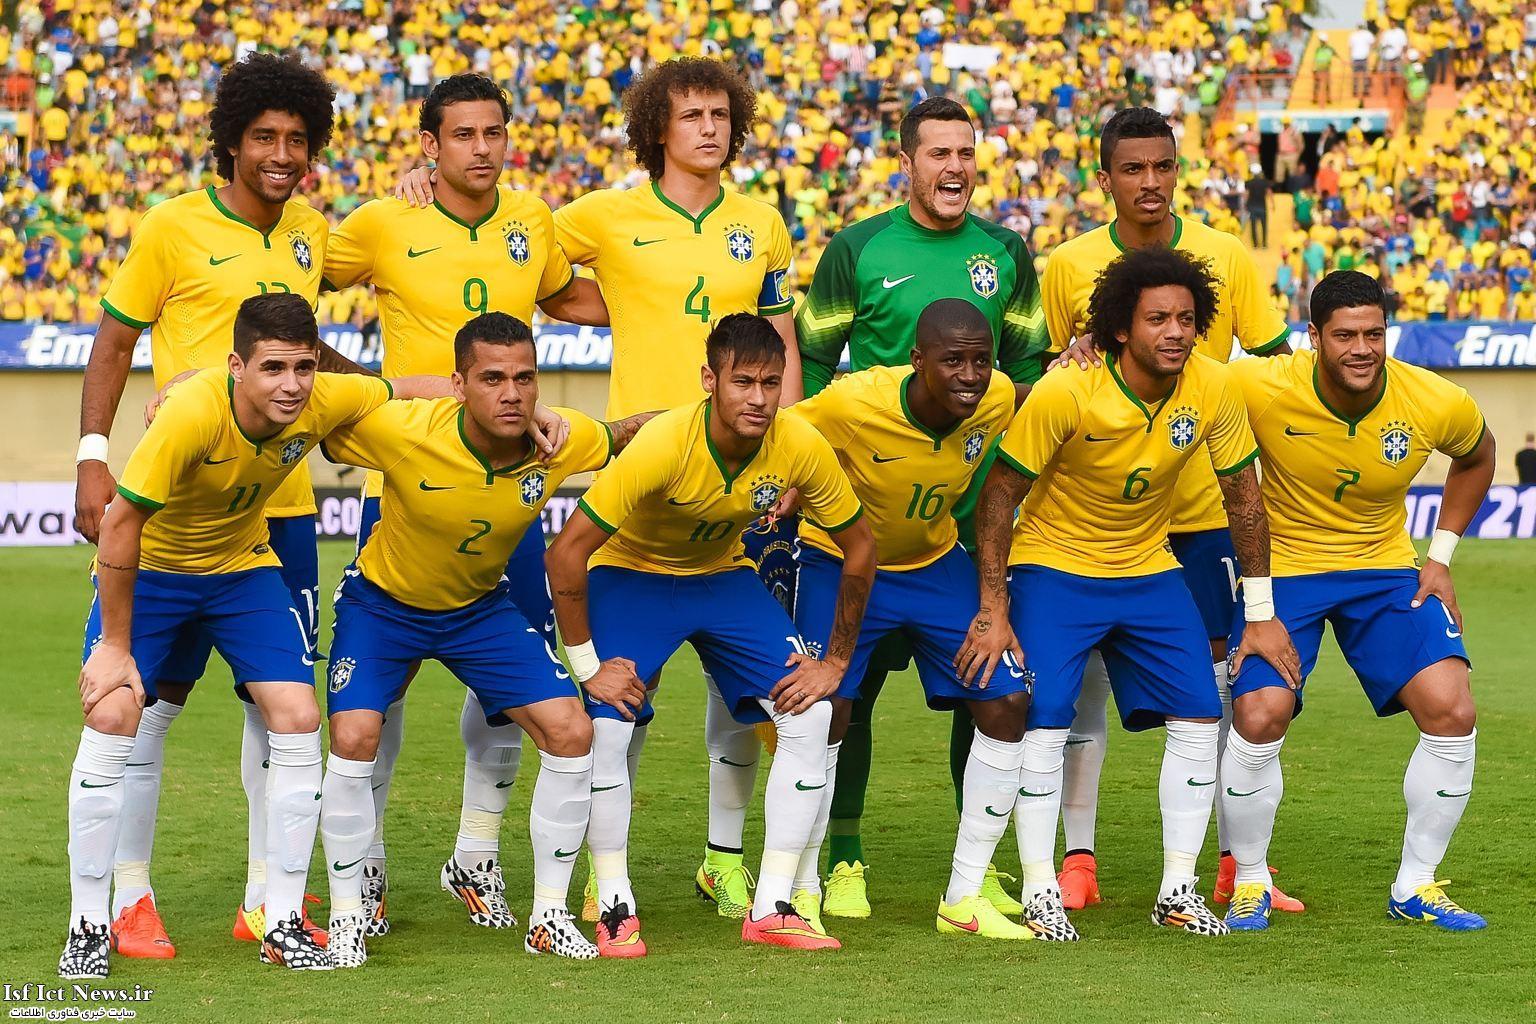 عکس تیم های جام جهانی ۲۰۱۴